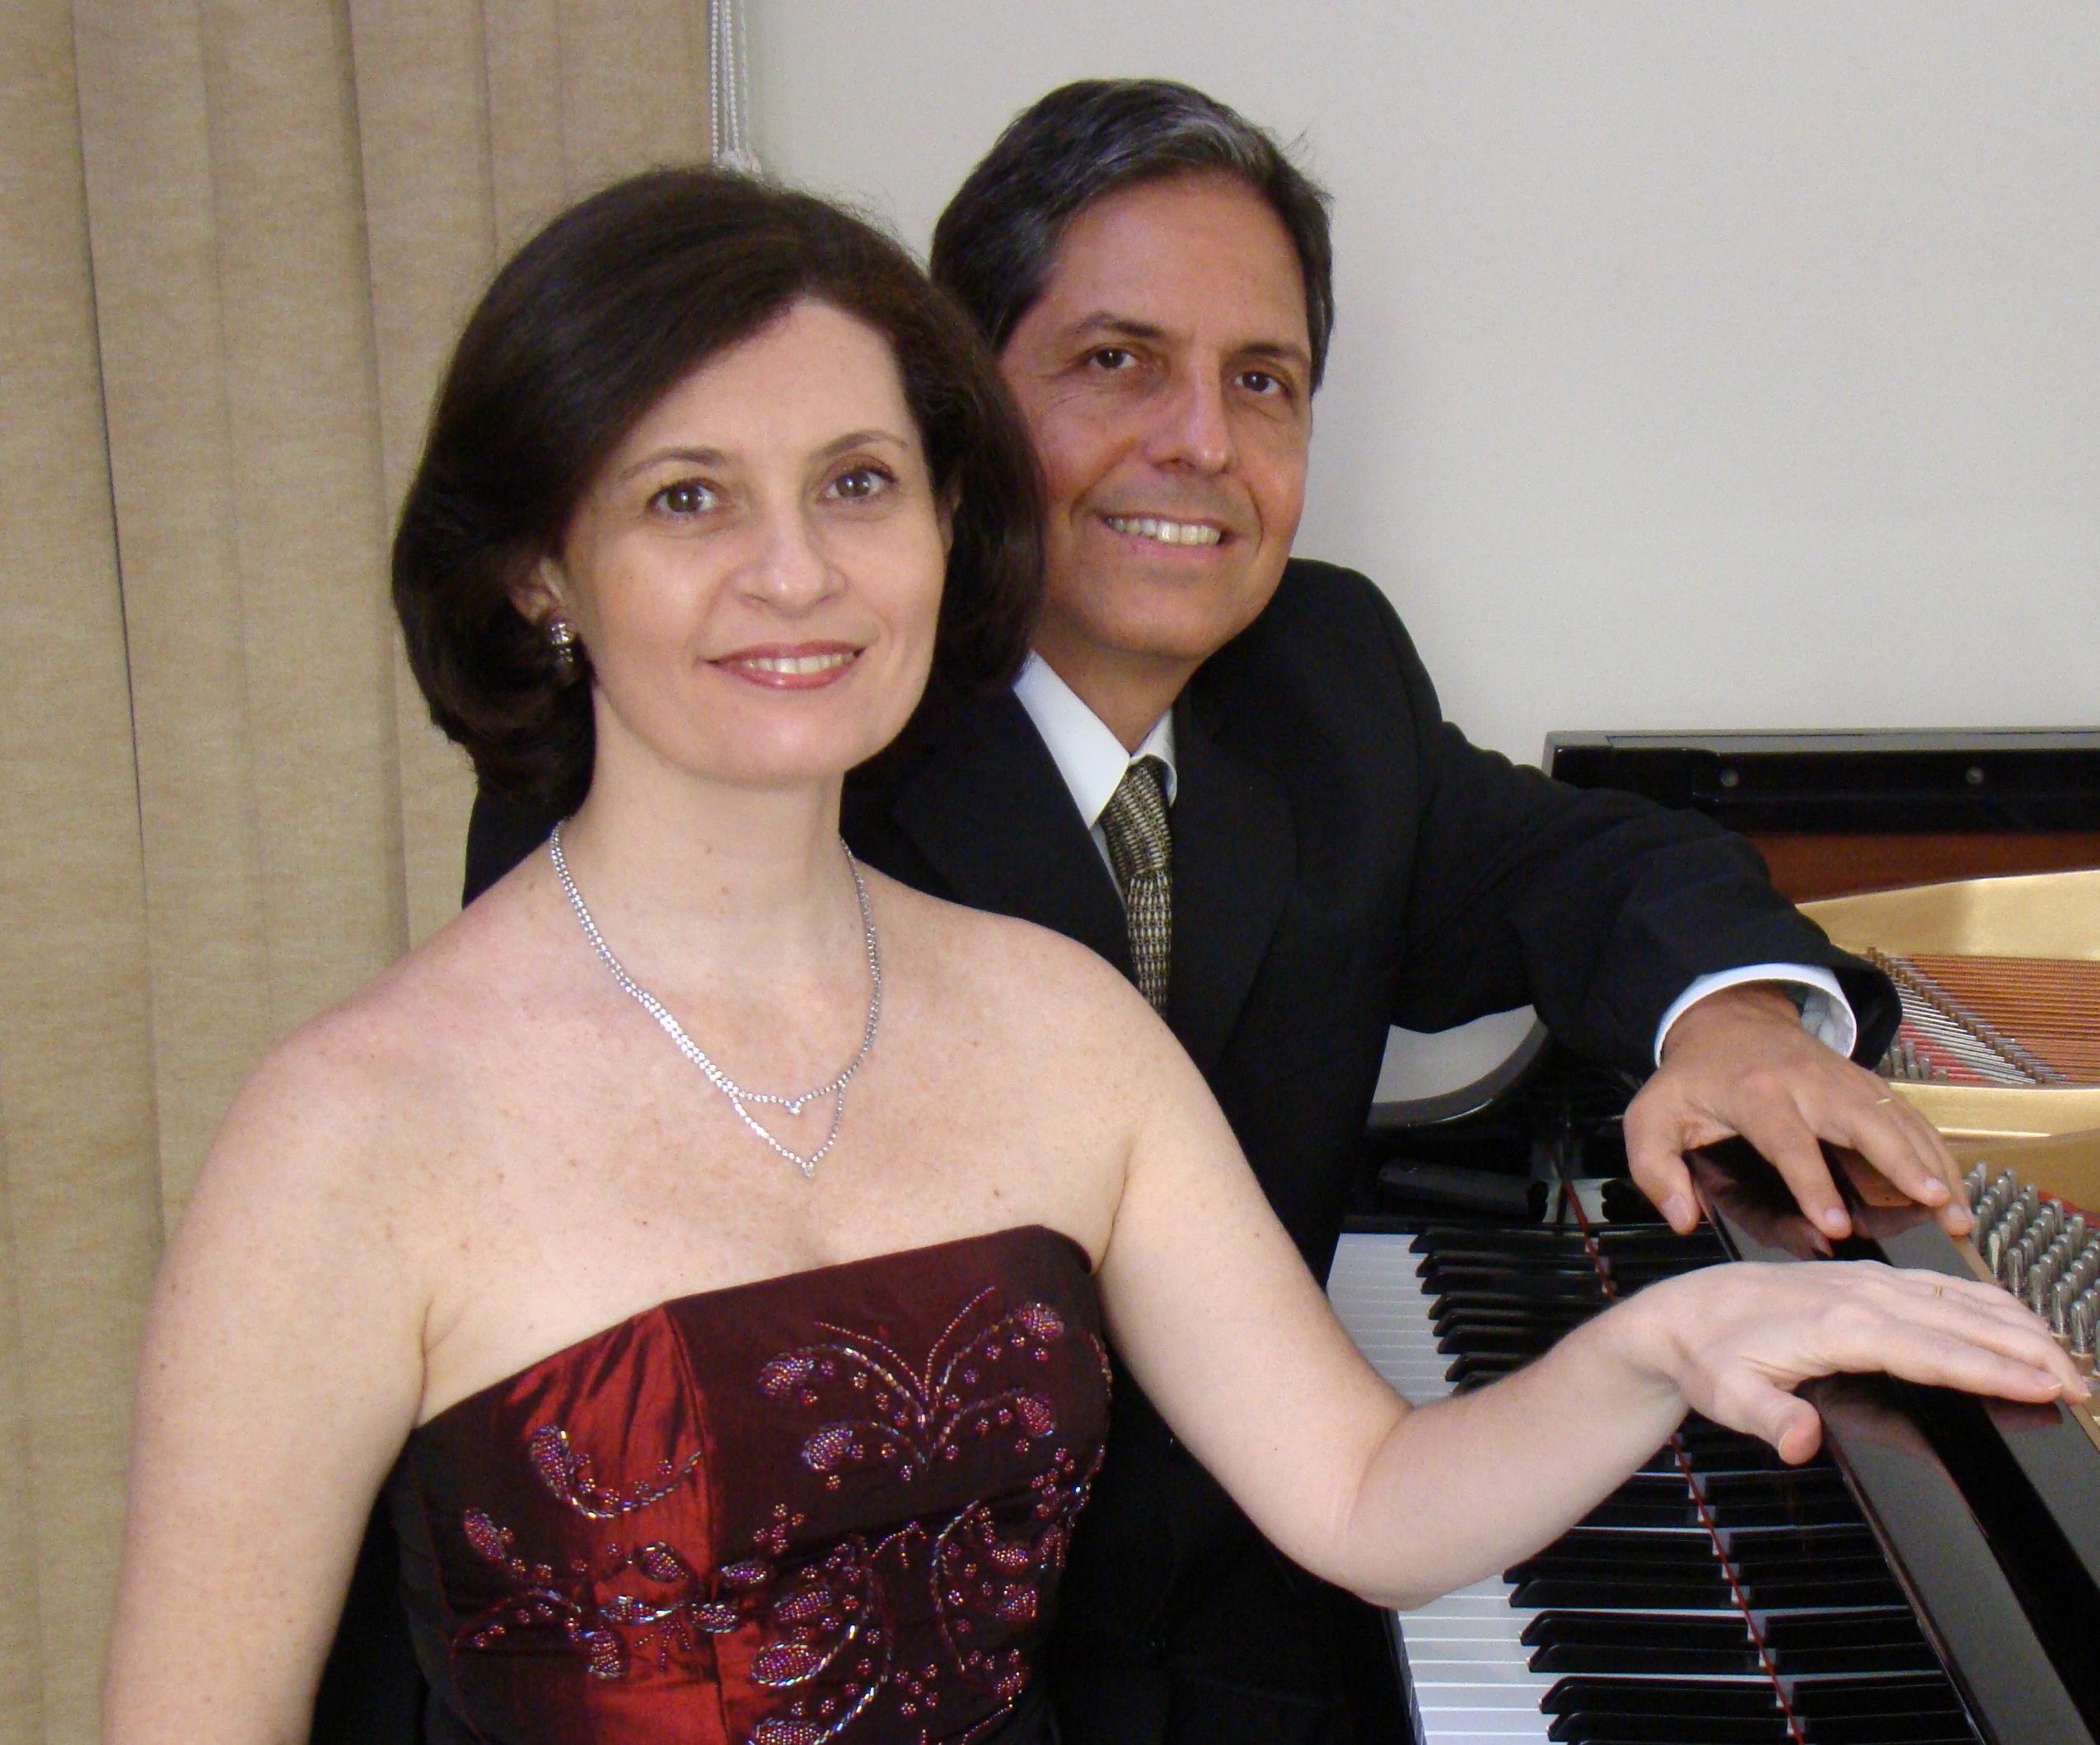 Concertos UFG traz Duo Corvisier em apresentação única